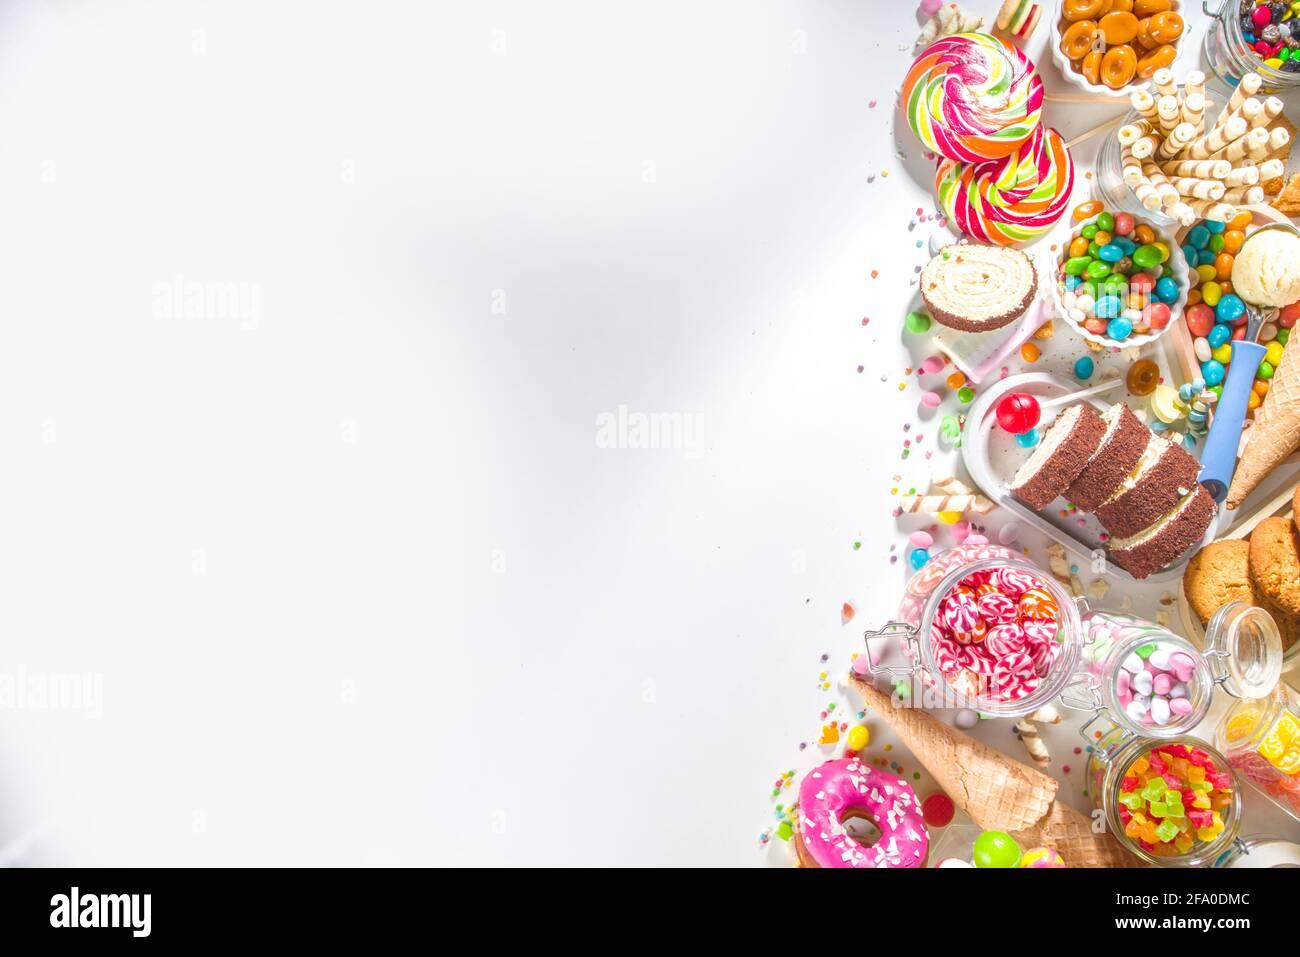 Selección de dulces coloridos. Juego de varios dulces, chocolates, donuts, galletas, piruletas, vista de la parte superior del helado sobre fondo blanco Foto de stock